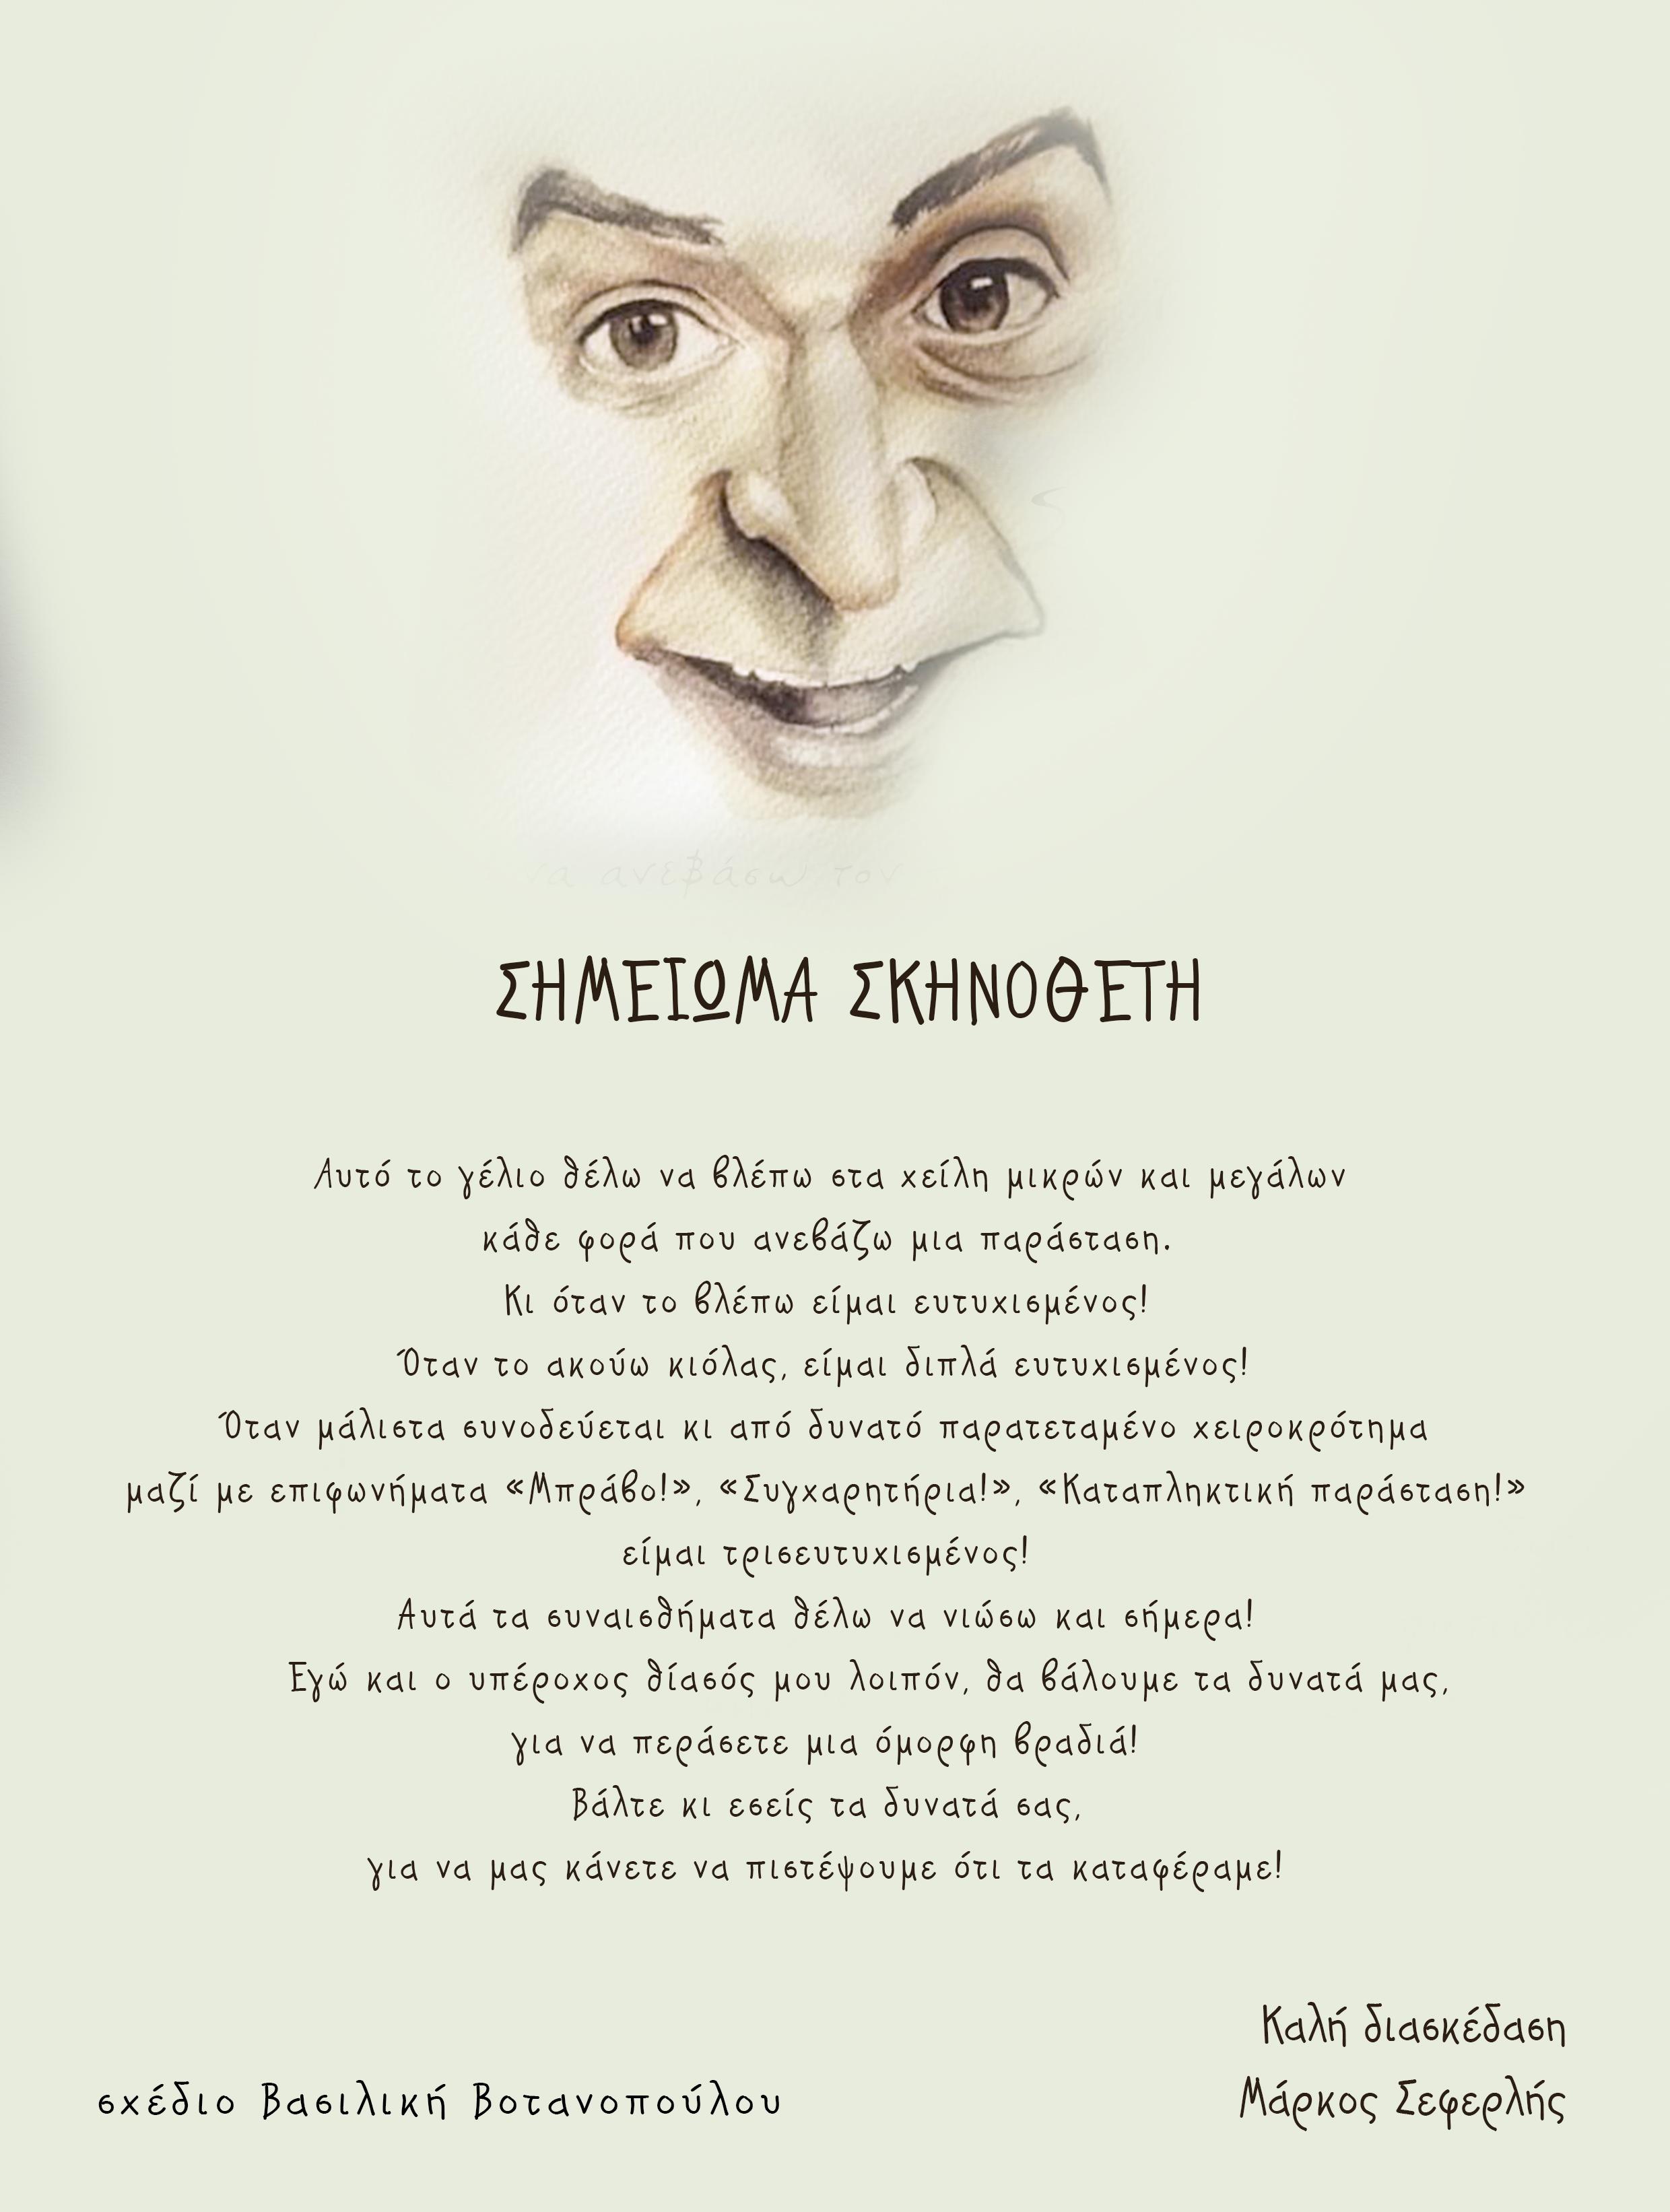 SIMIOMA_SKINOTHETI